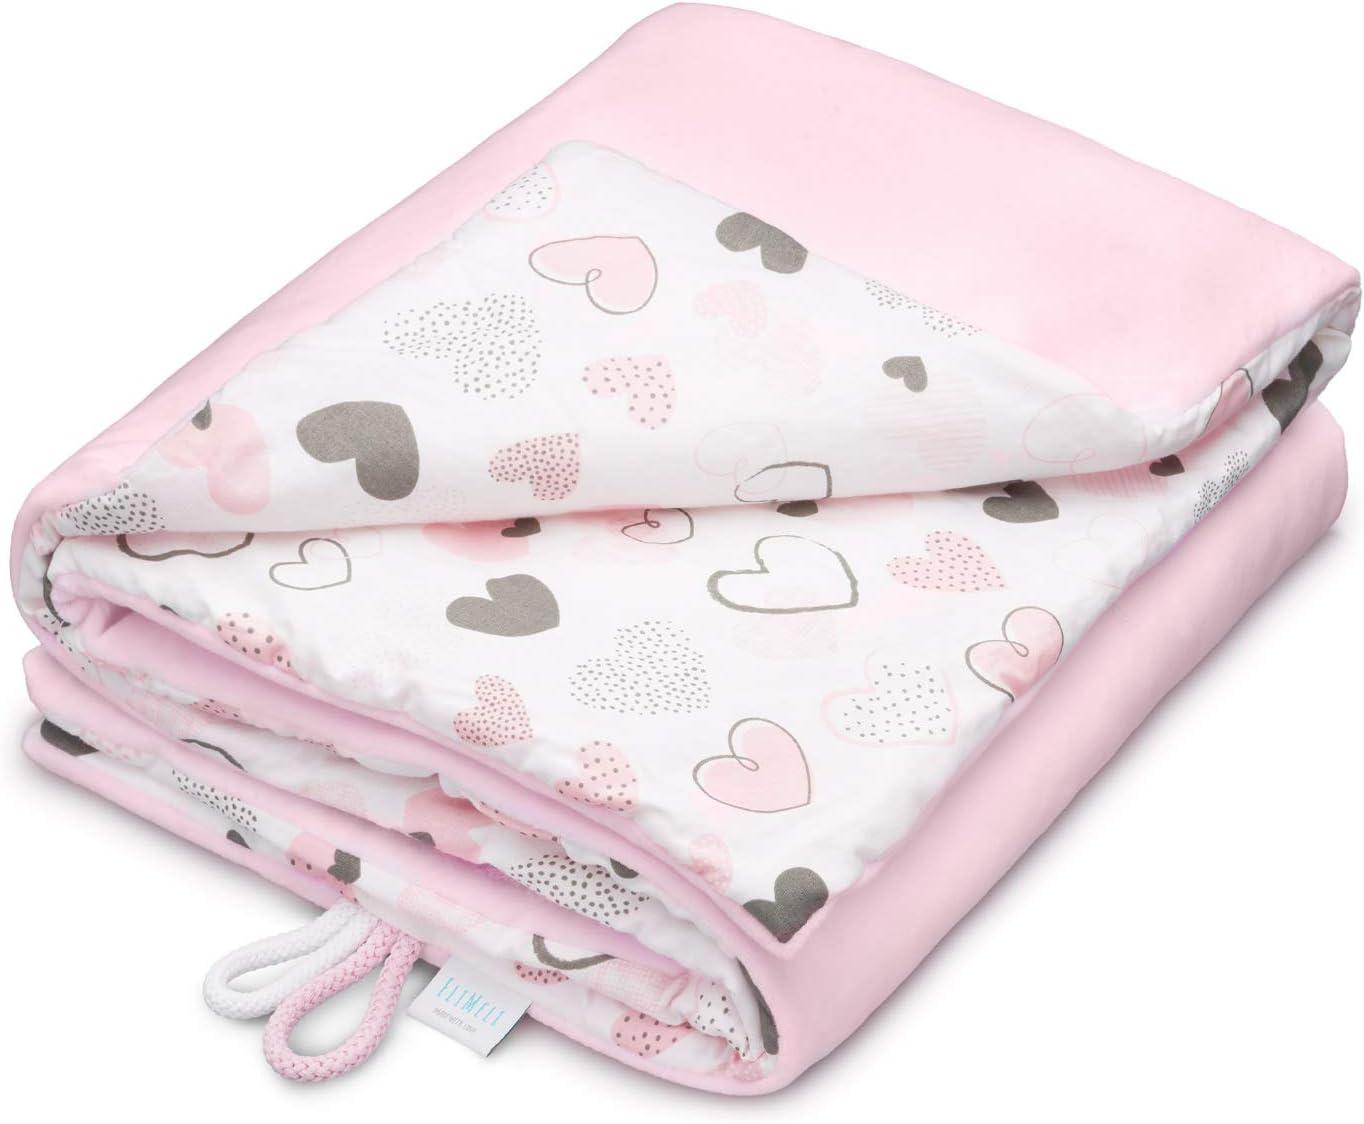 Manta para bebé EliMeli, 75 x 100 cm, forro polar muy suave, 100% algodón, relleno supercristalino, de alta calidad, perfecta para bebés rosa Light Pink - Hearts